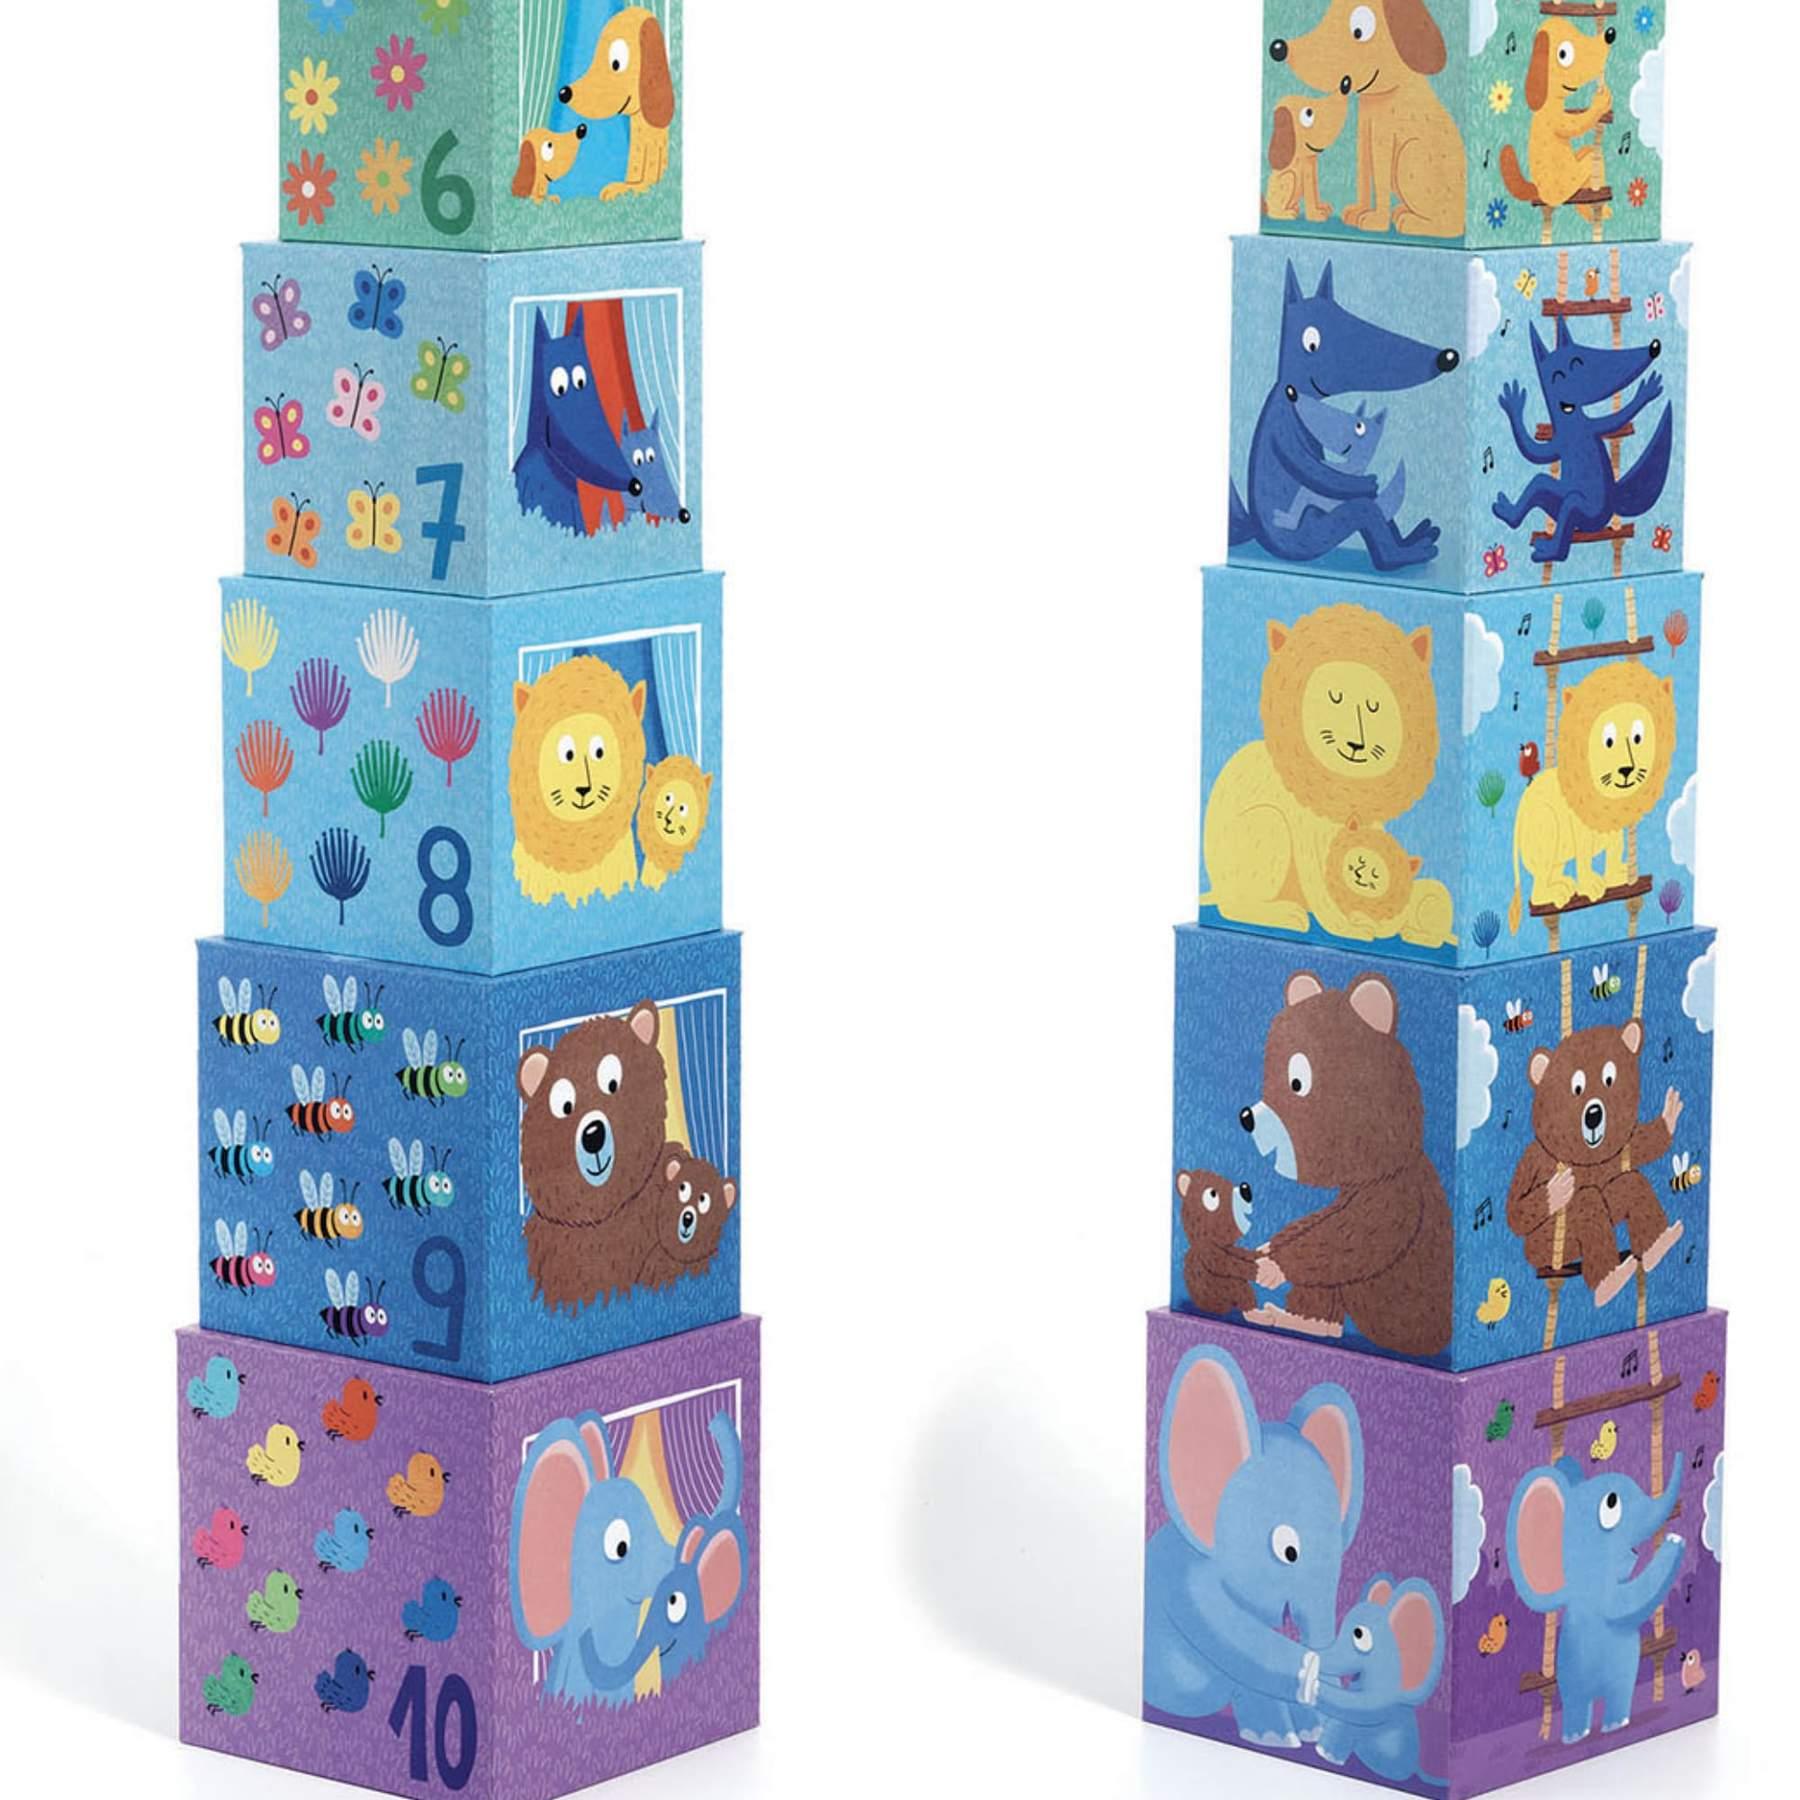 Cubos para empilhar Arco Iris - Djeco